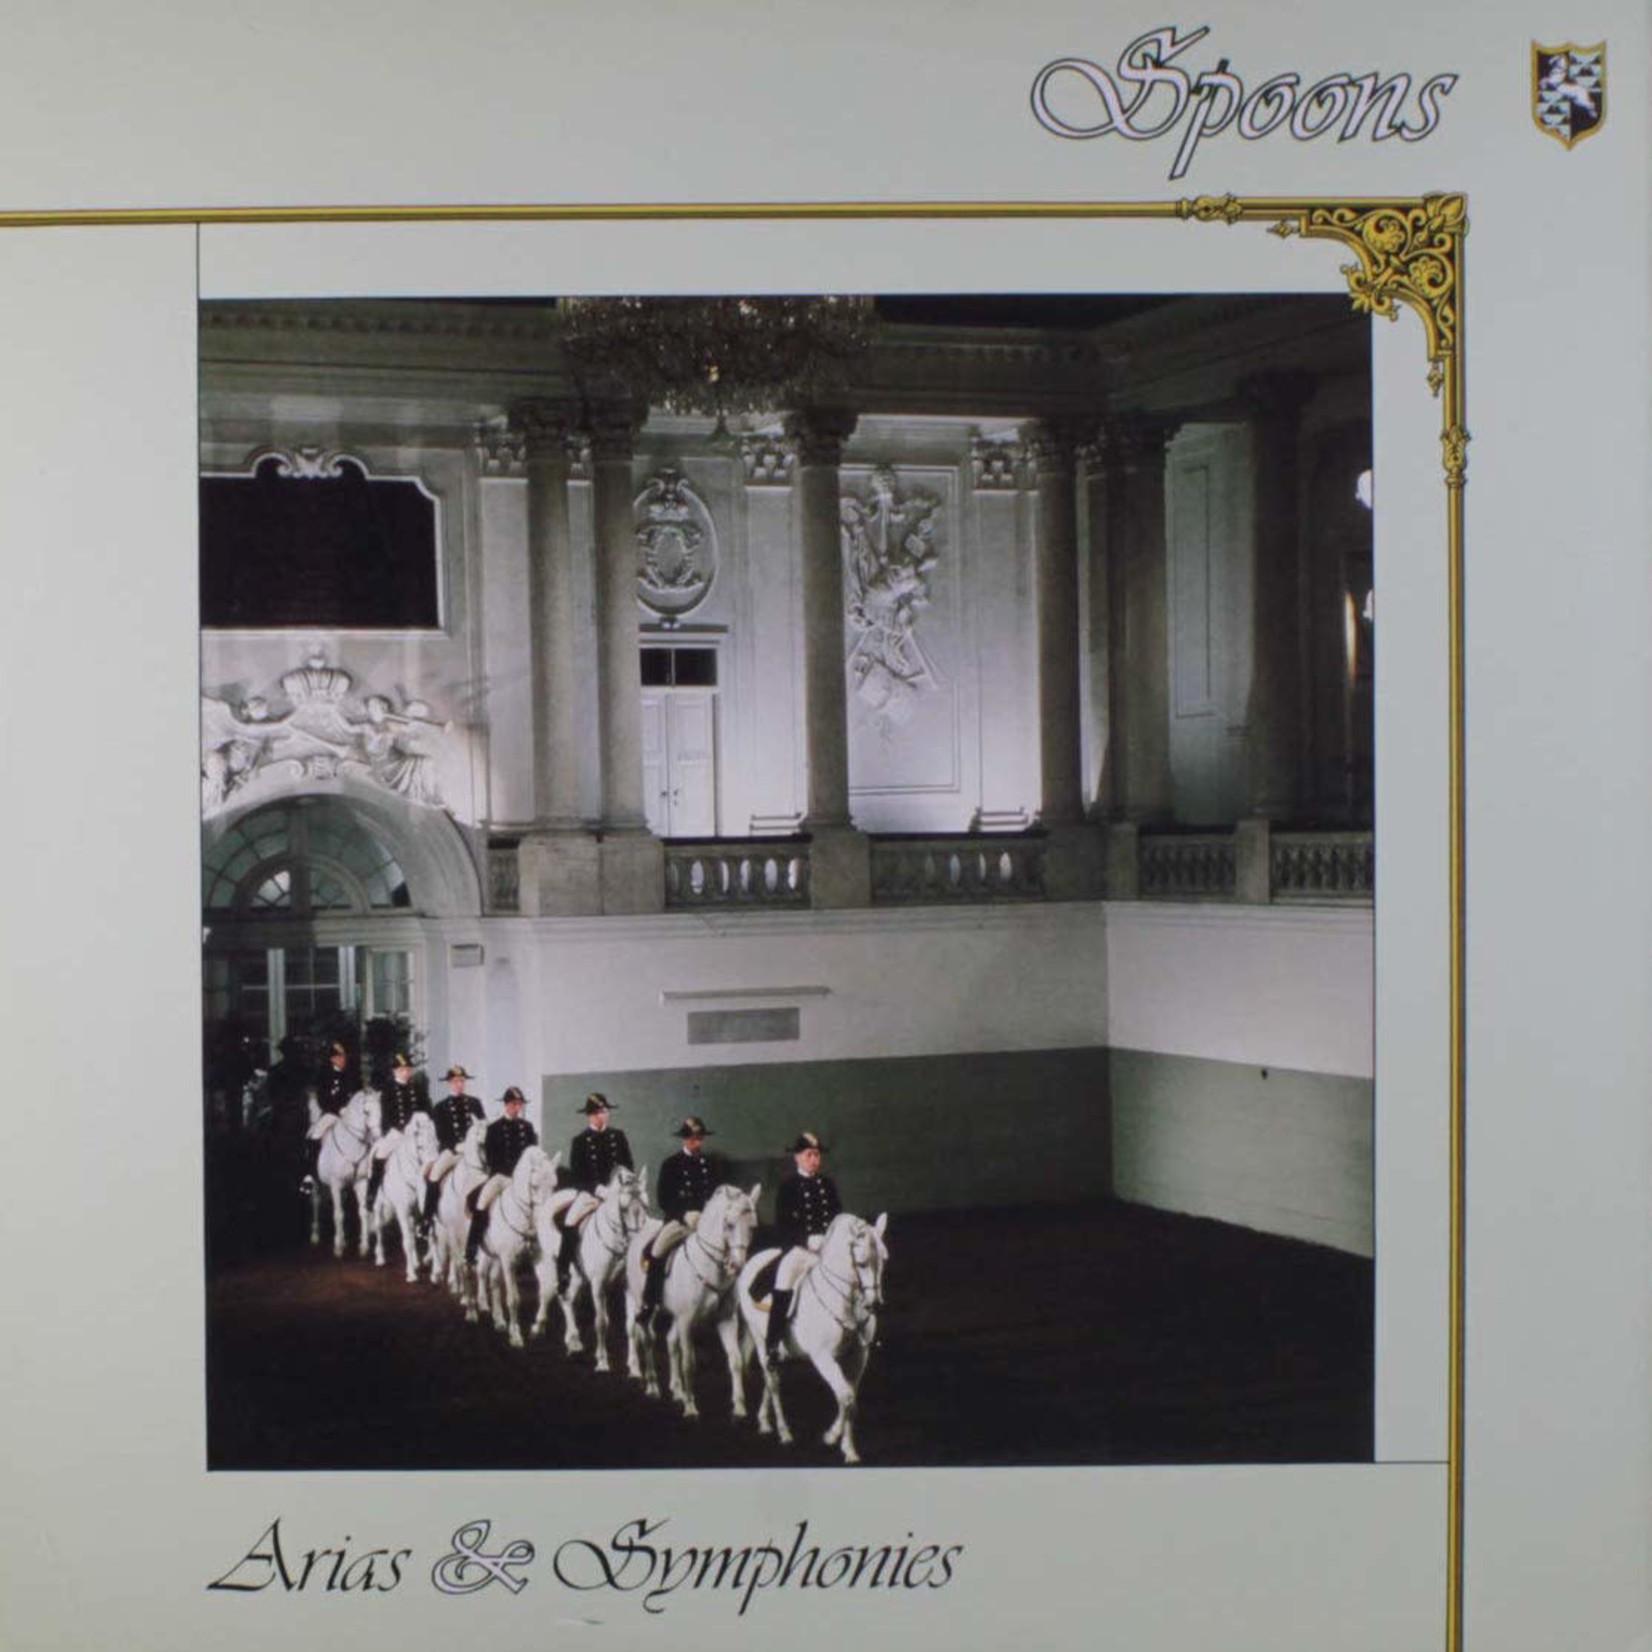 [Vintage] Spoons: Arias & Symphonies